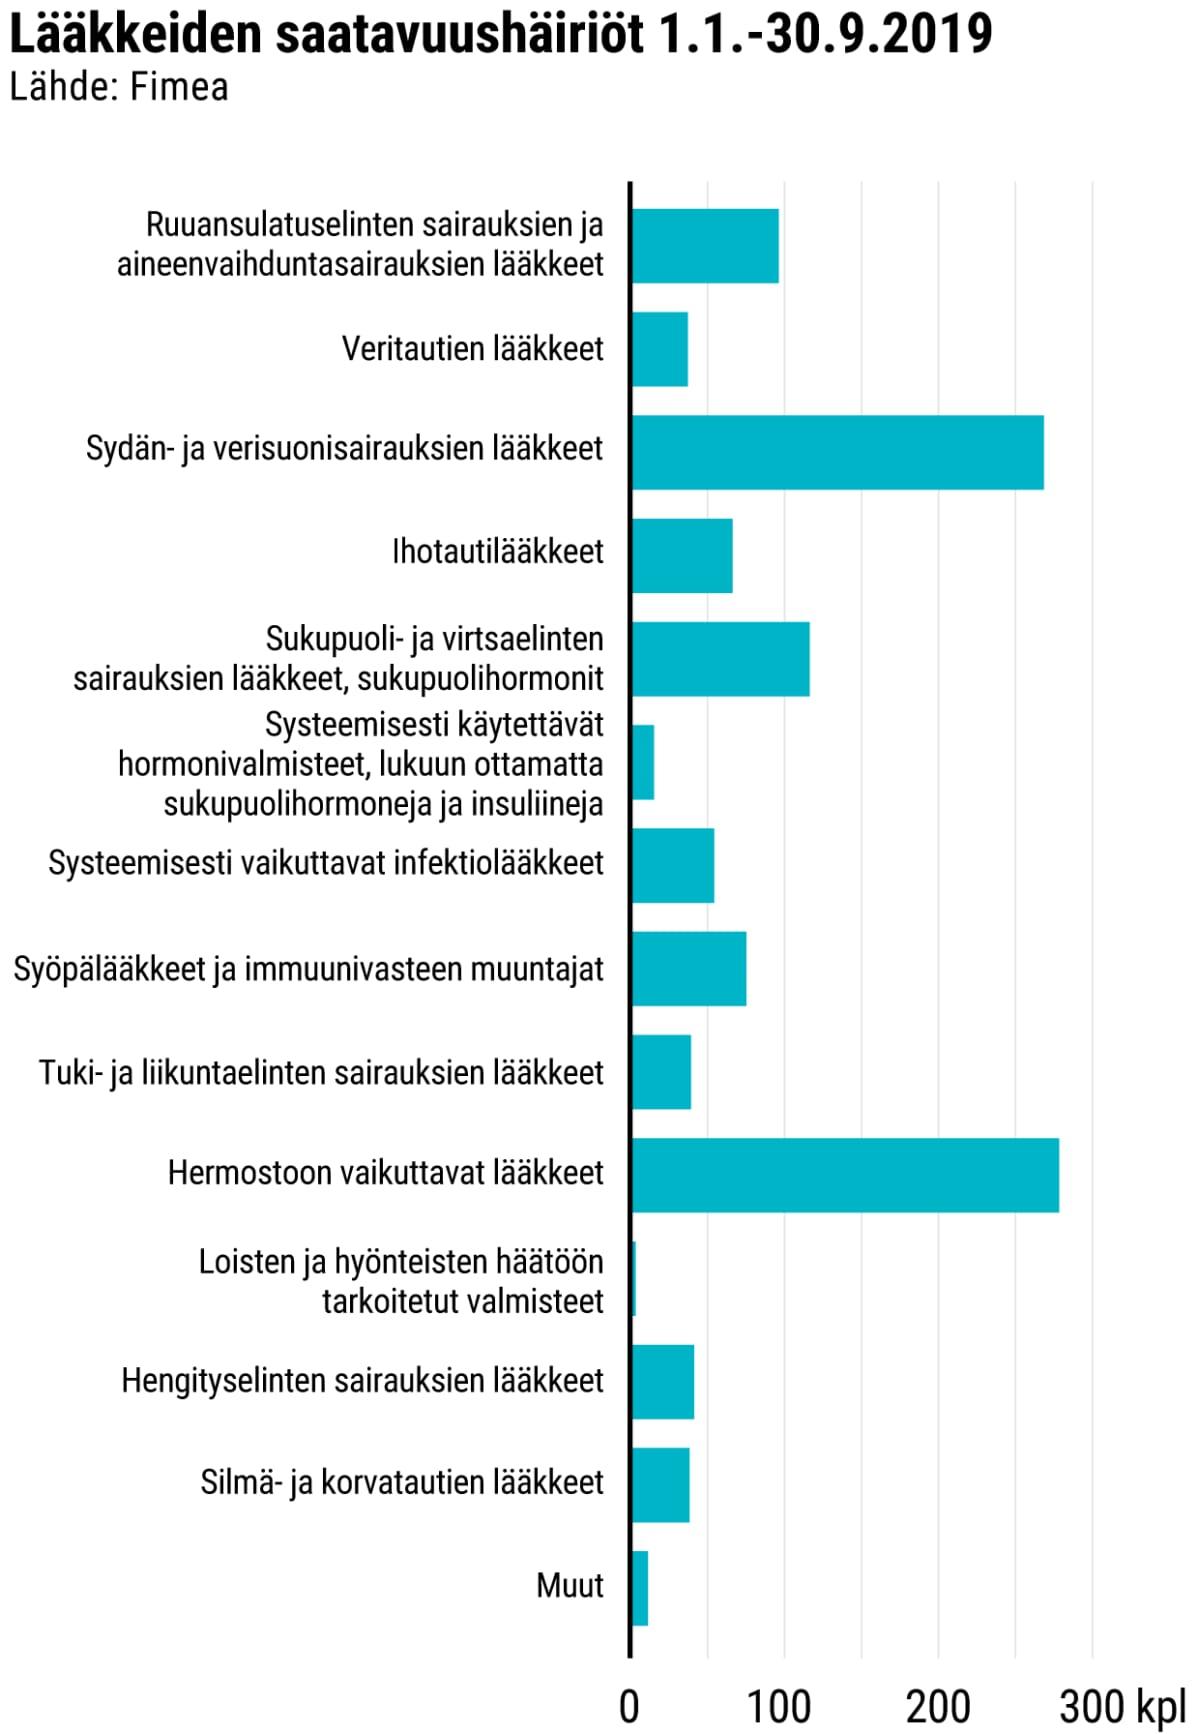 Tilastografiikka lääkkeiden saatavuushäiriöistä.